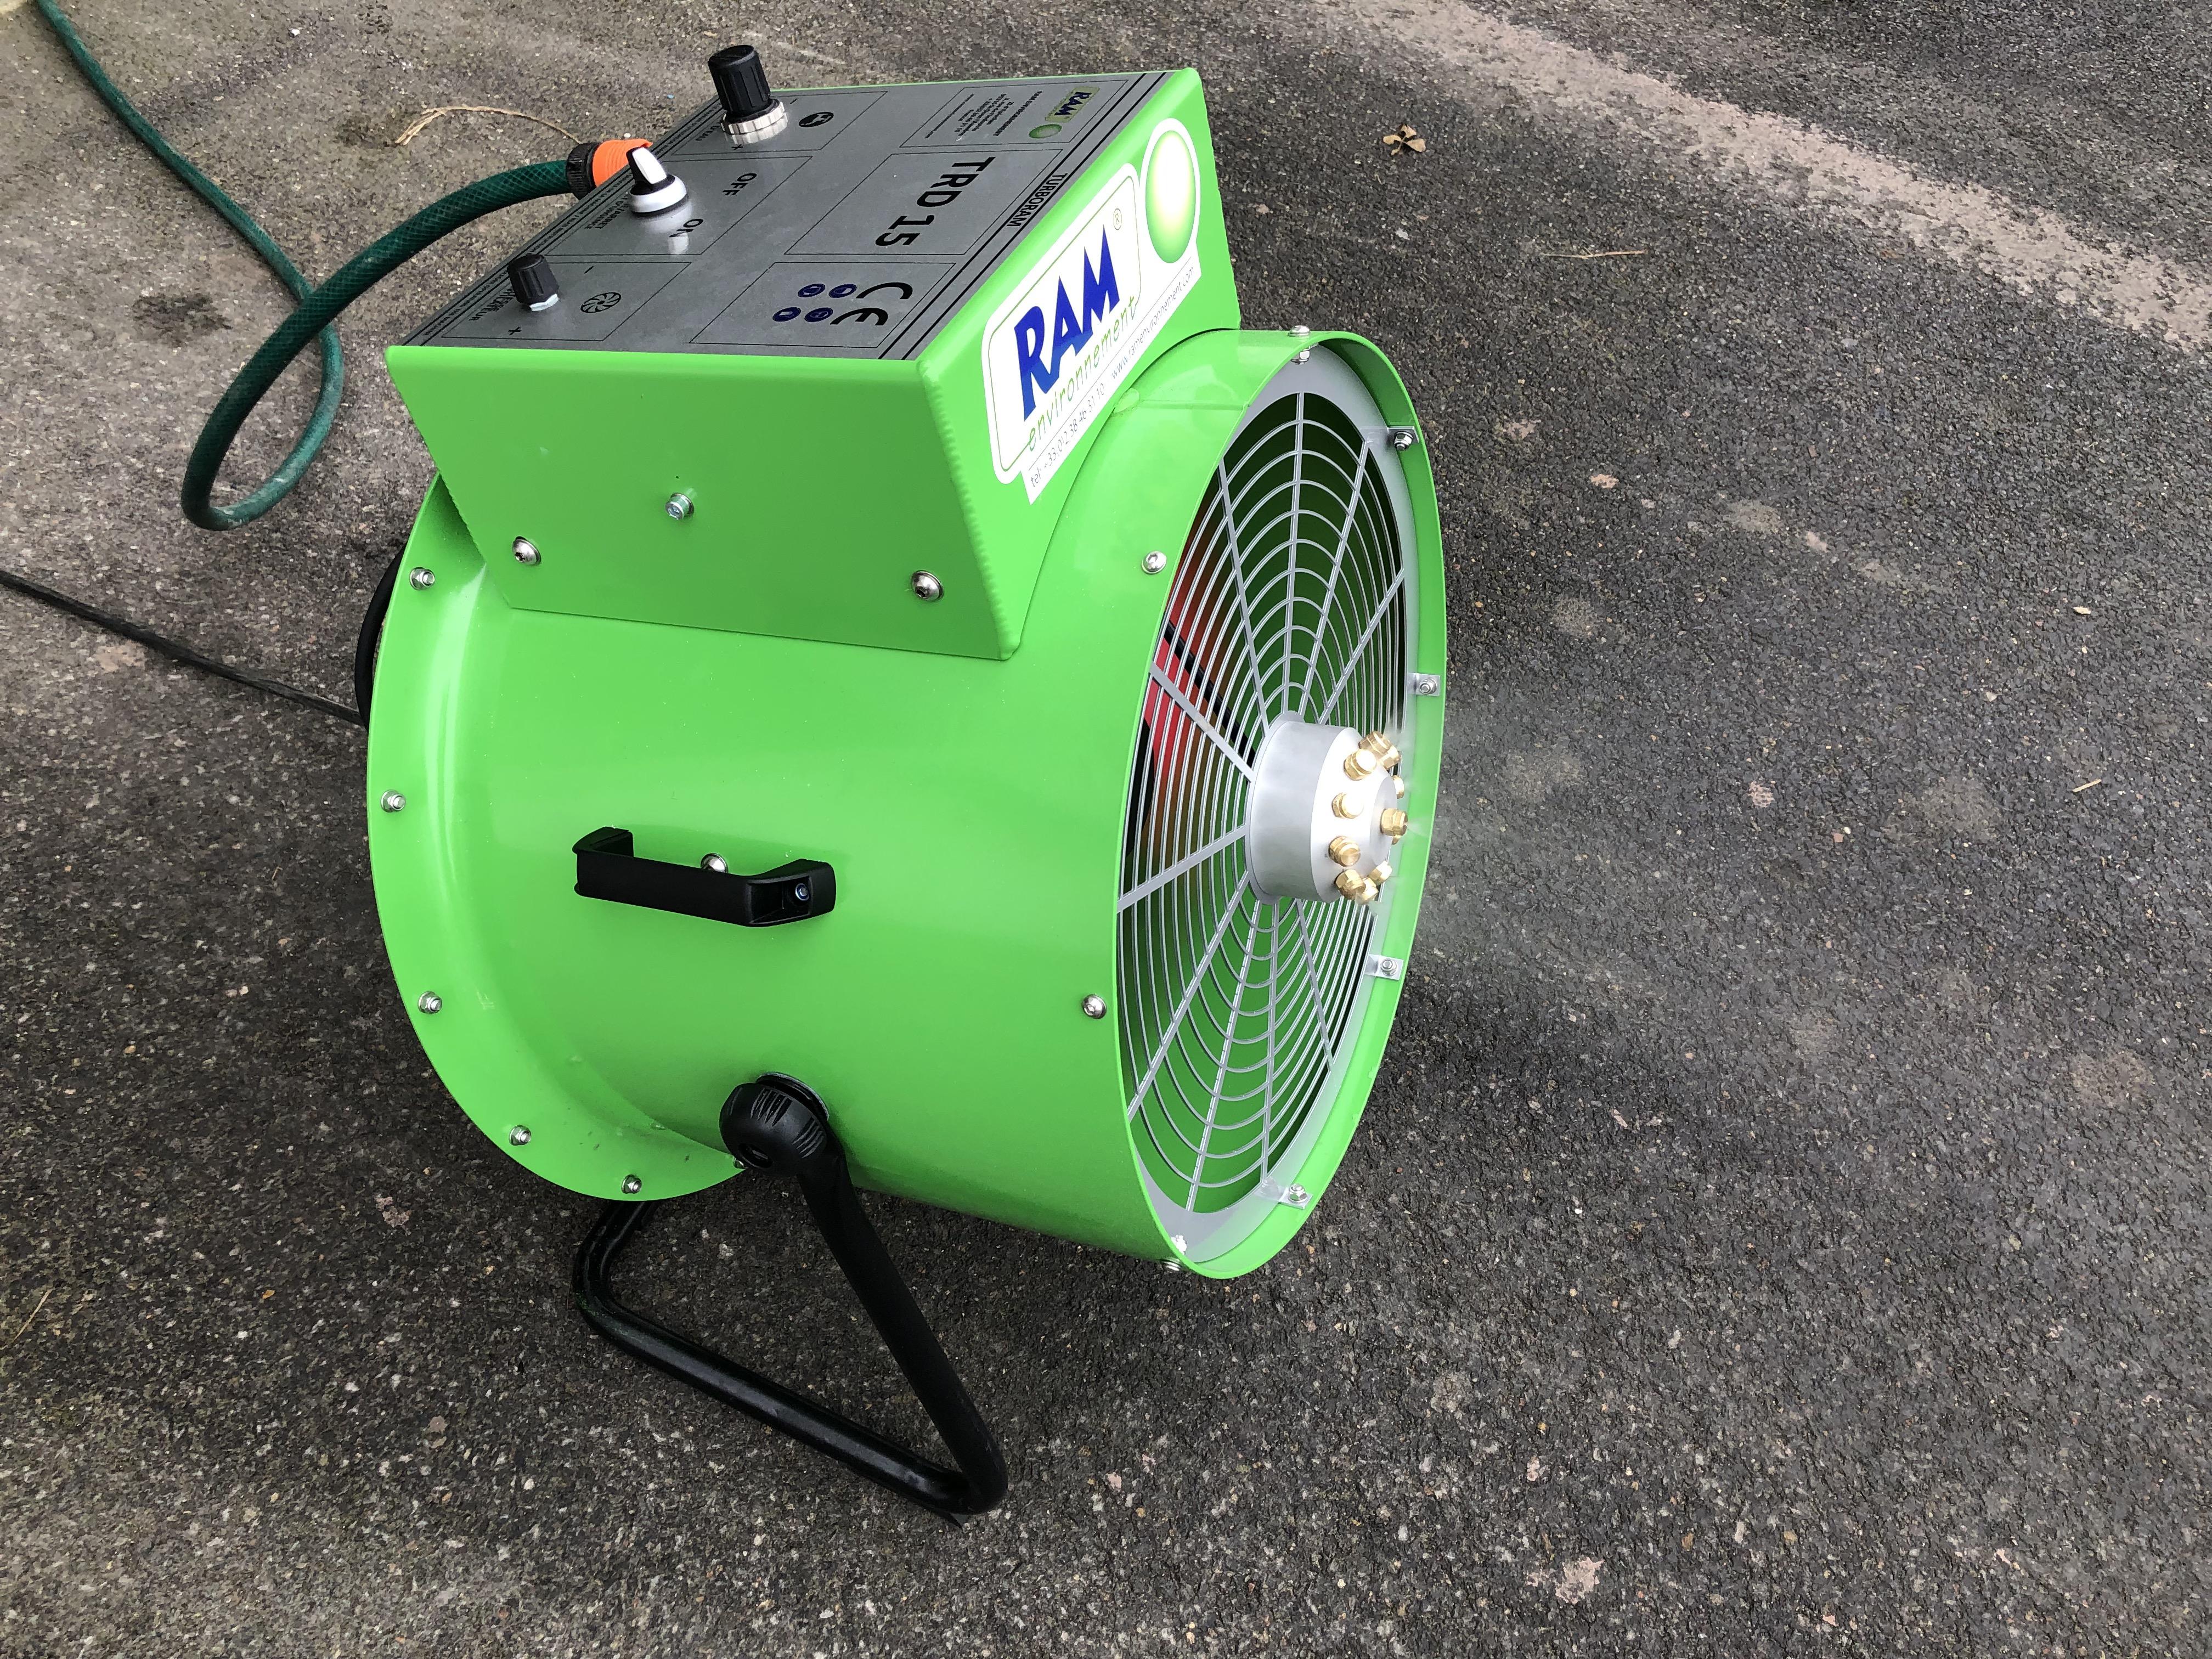 Le TURBORAM TRD15 est un brumisateur de moyenne portée principalement destiné aux travaux de démolition, de dépollution, du BTP, et aux activités de recyclage. Mobile